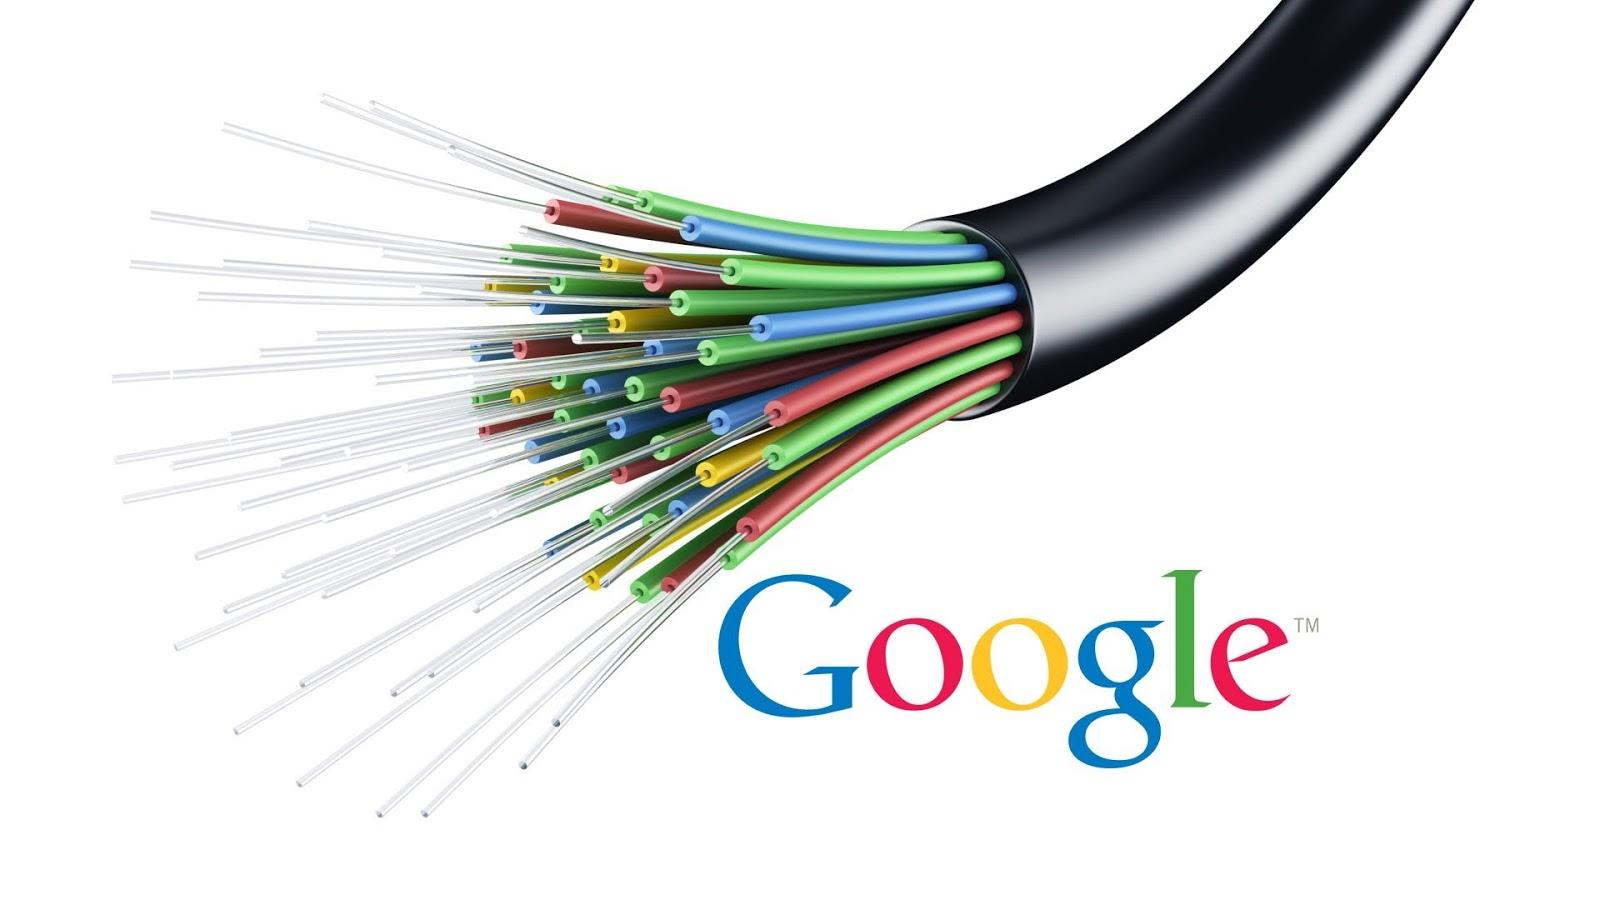 Dengan Sinar Laser, Google akan Salurkan Internet Cepat